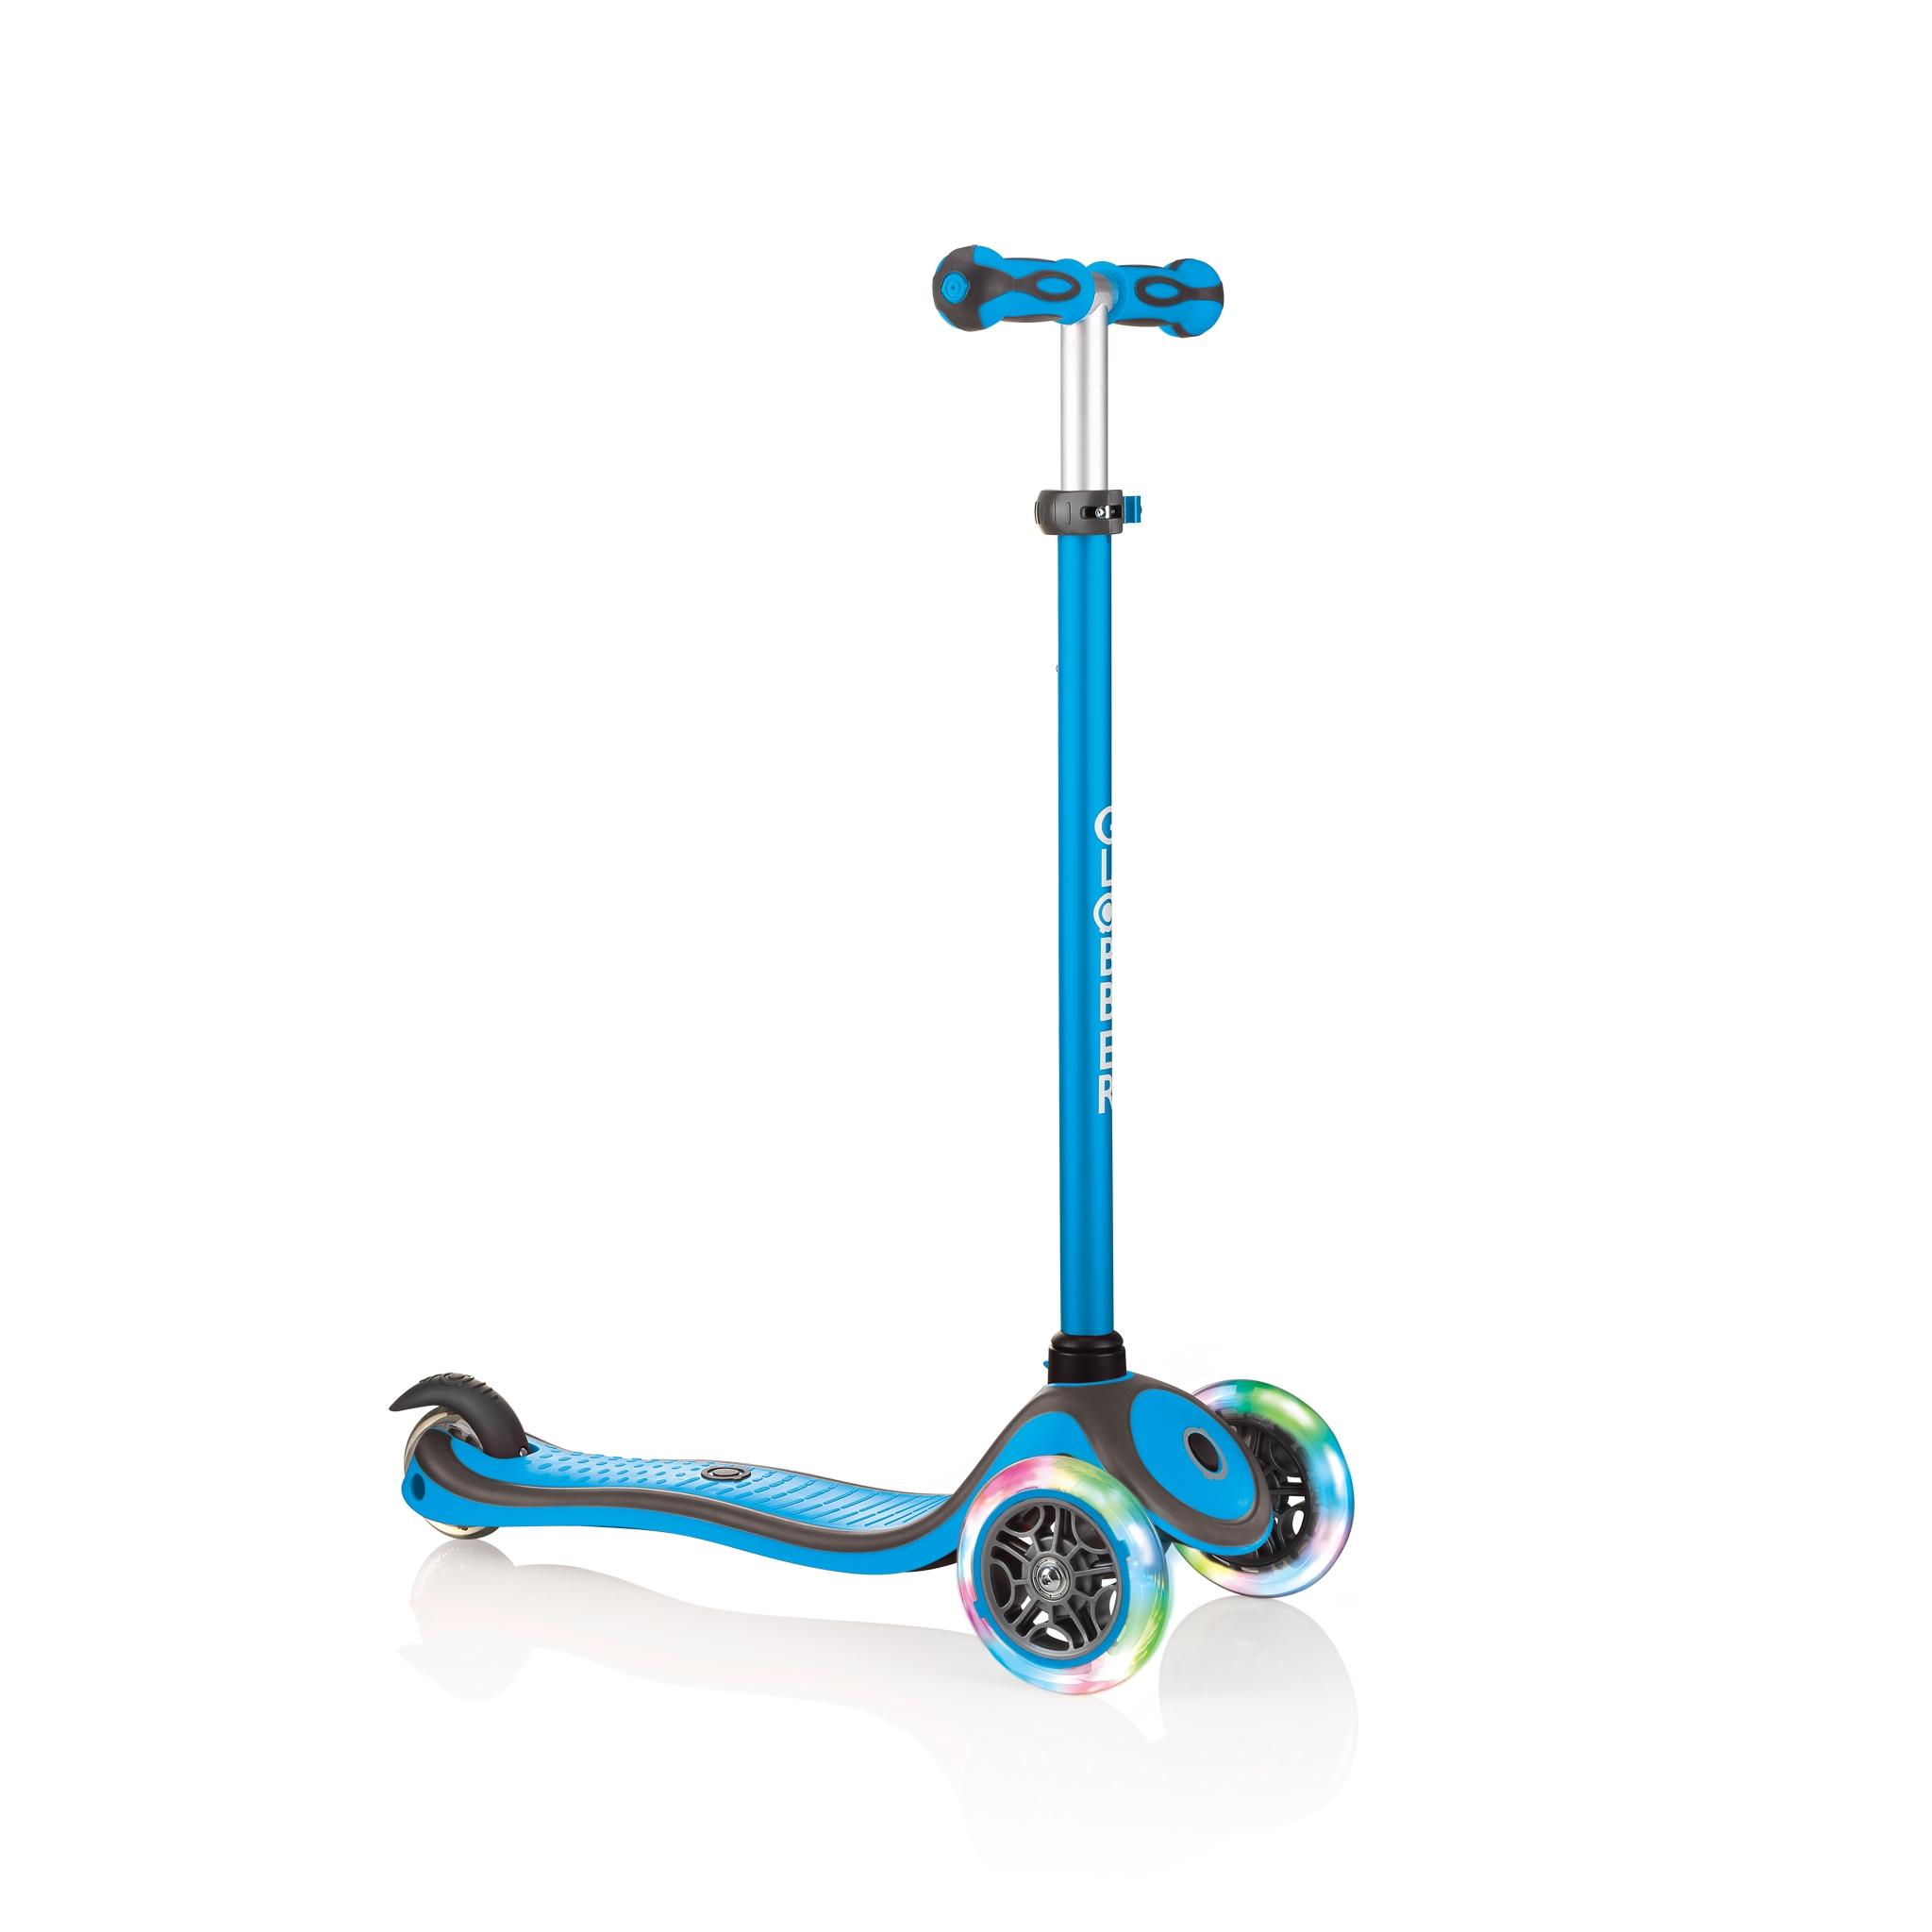 Купить Globber Самокат Primo Plus Lights Color, светящиеся колеса, голубой, Китай